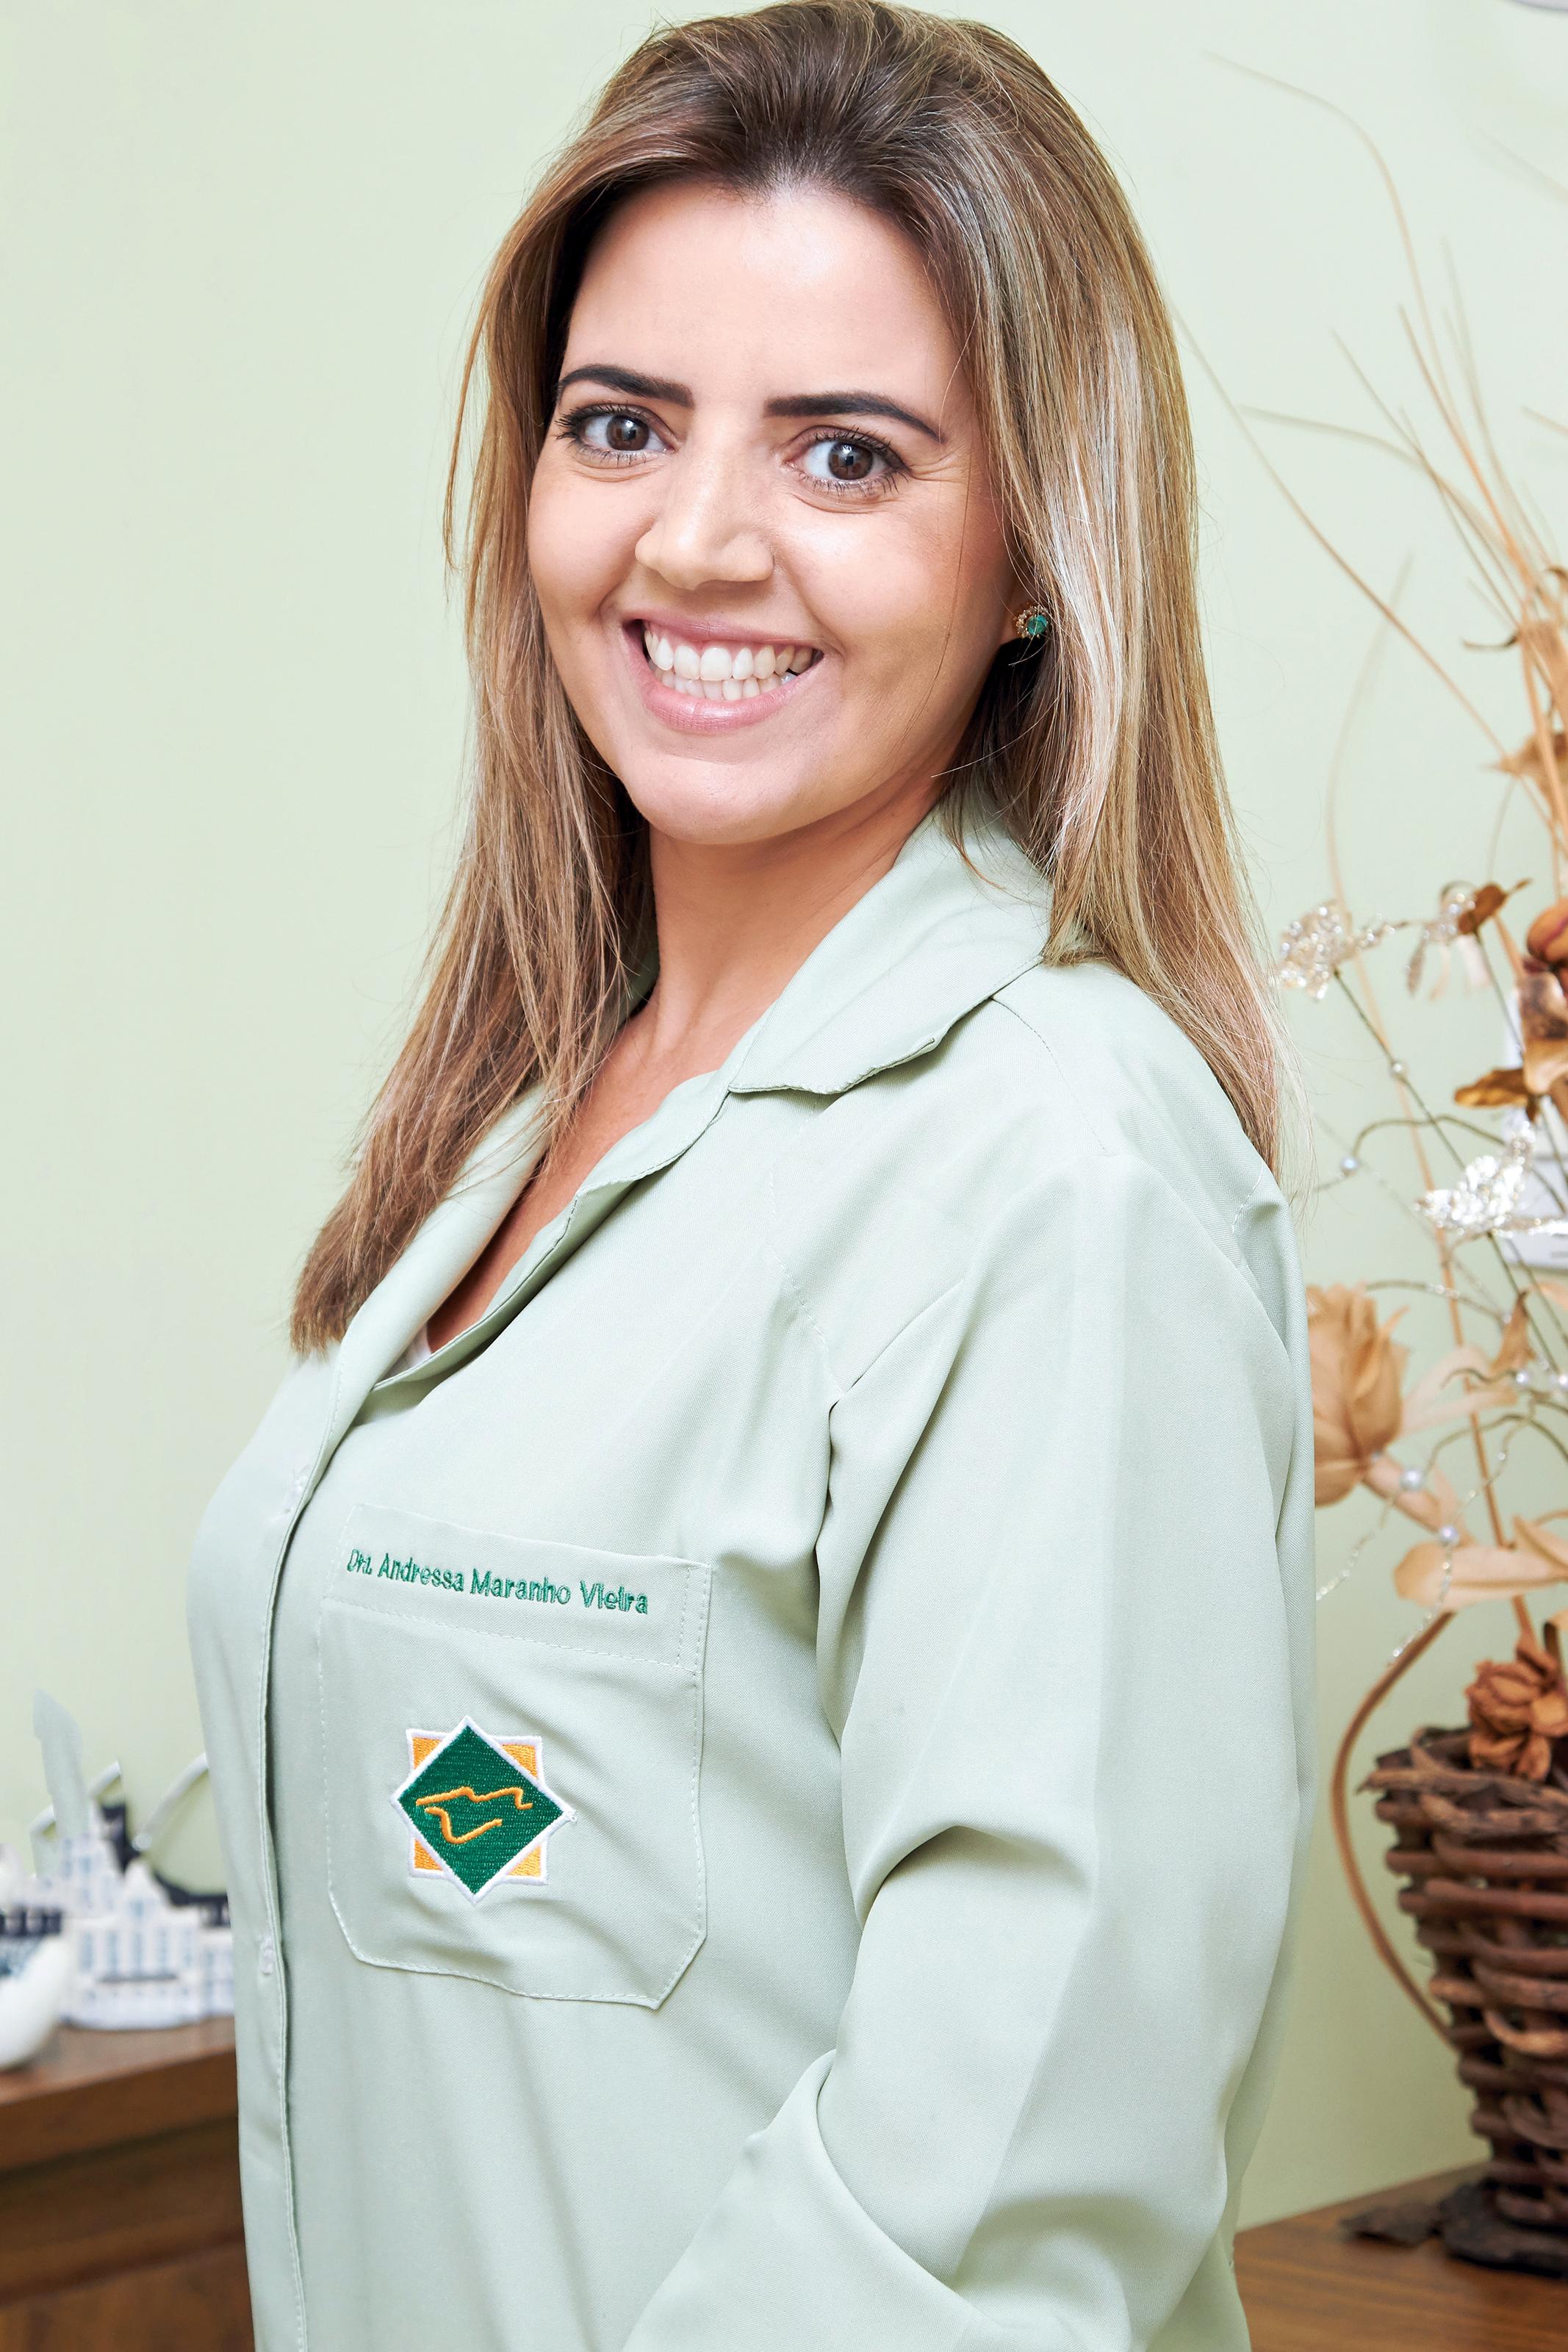 Dra. Andressa Maranho Vieira